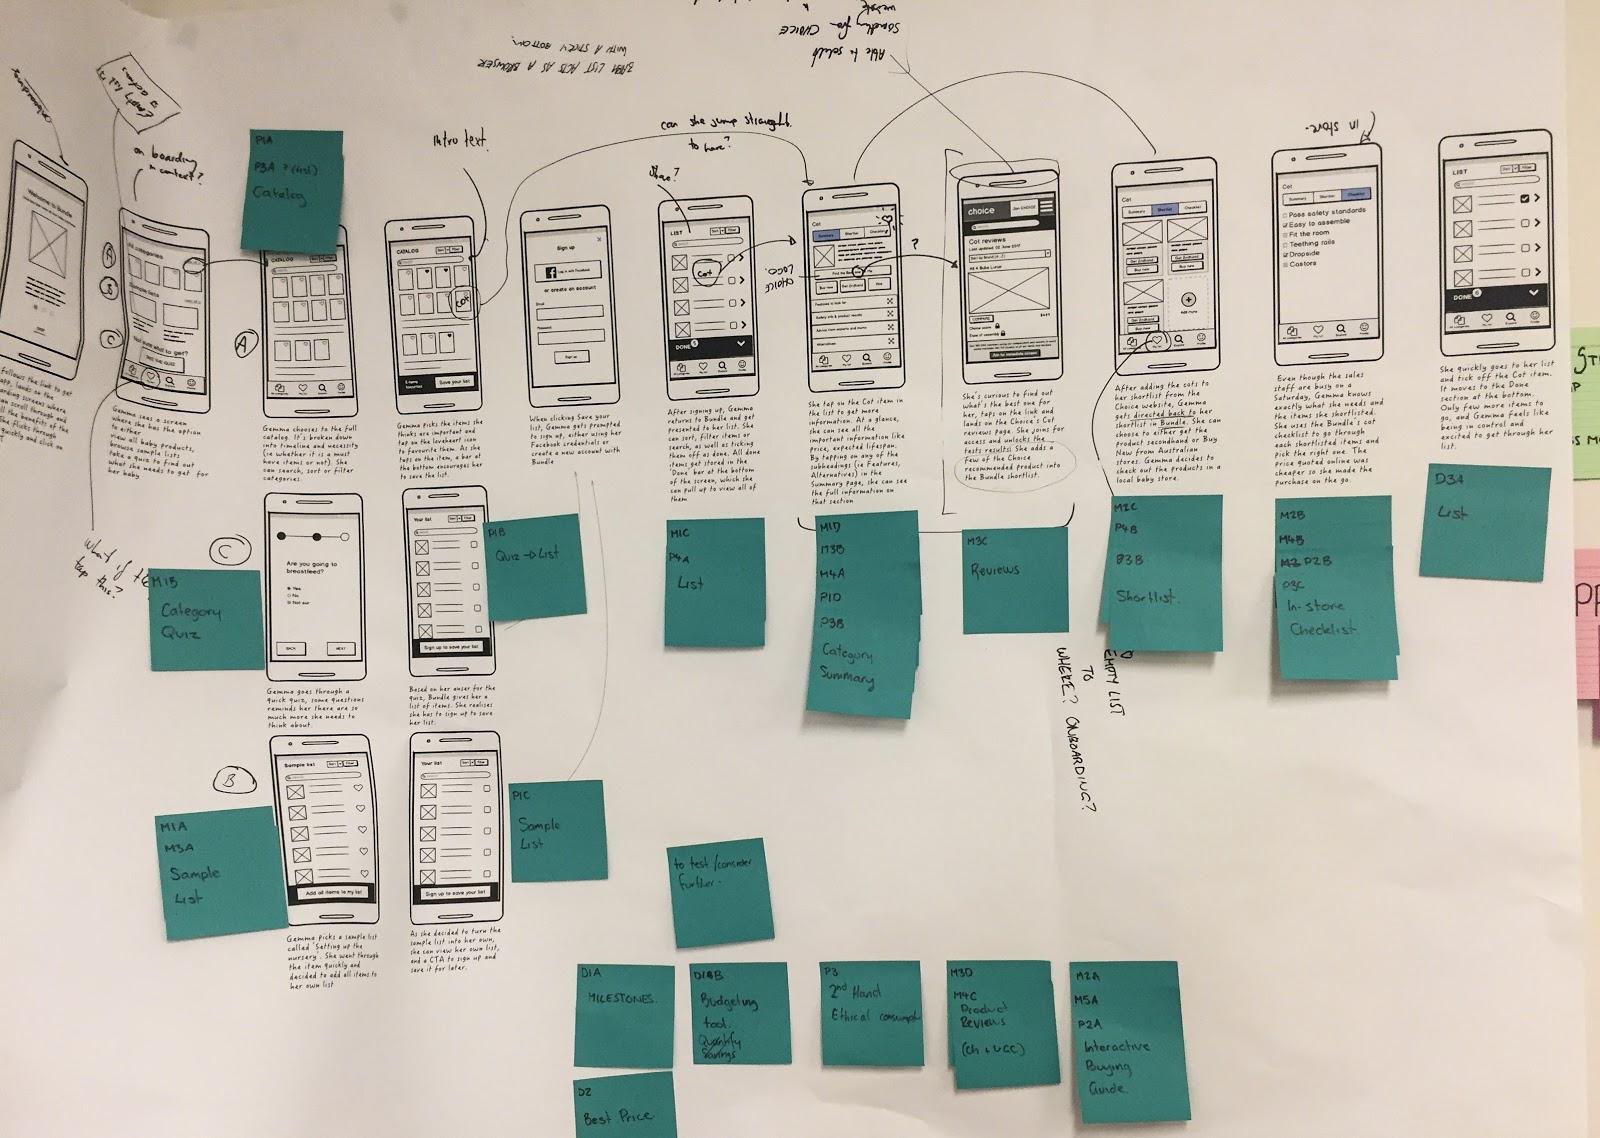 bundle-storyboard-note.jpg